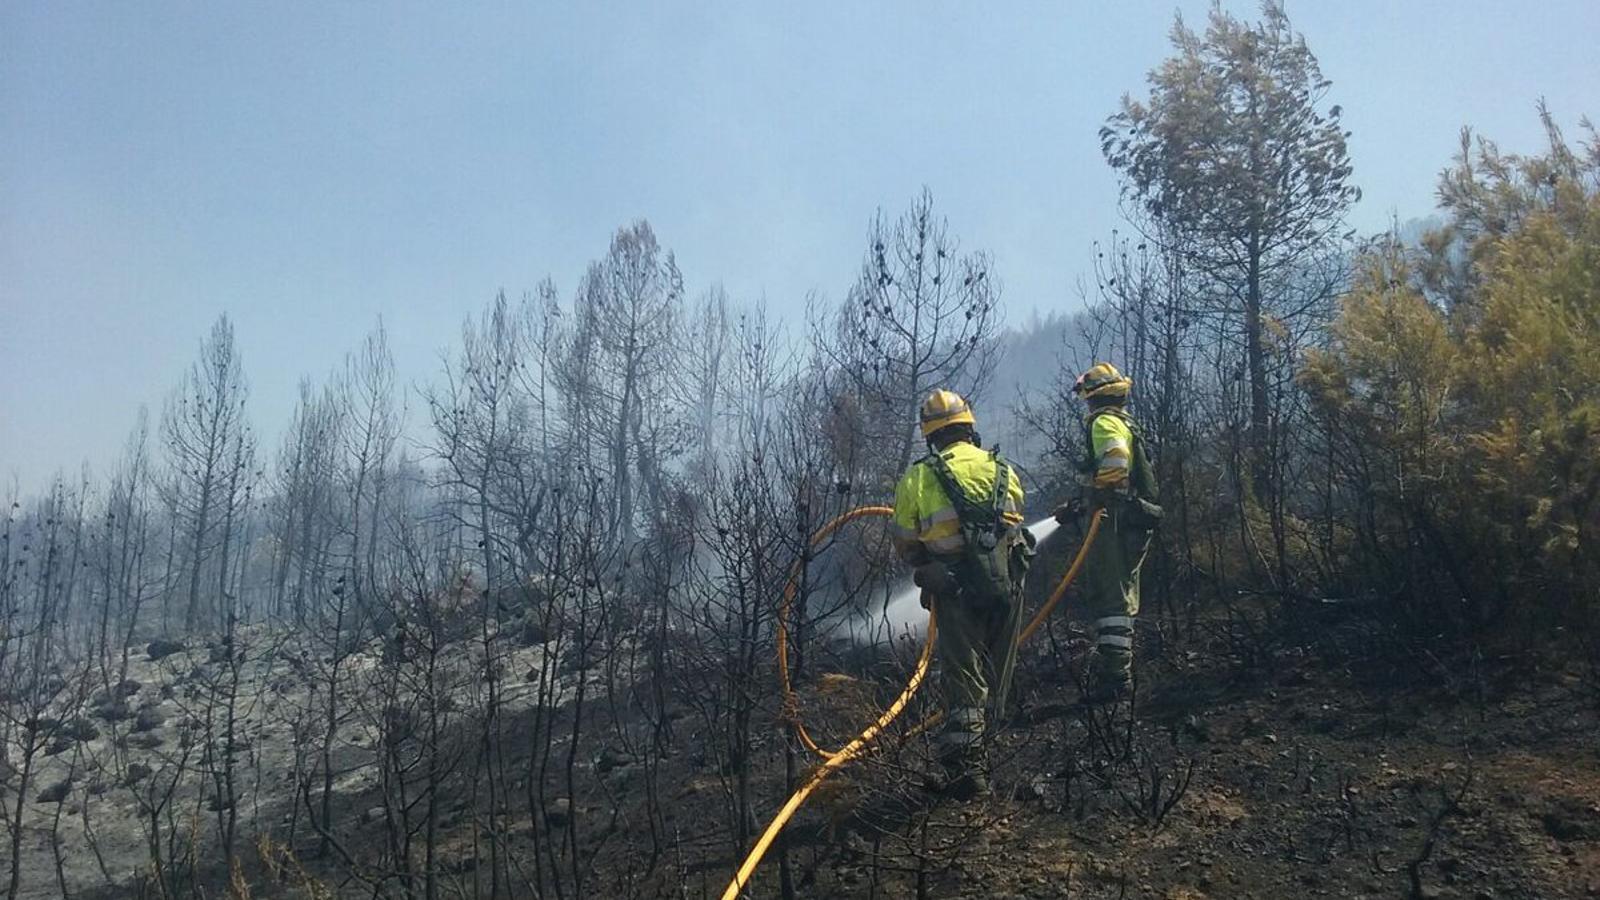 Imatge d'efectius de les brigades forestals de la Generalitat Valenciana fent tasques d'extinció en l'incendi declarat a la serra de Mariola, a Bocairent.